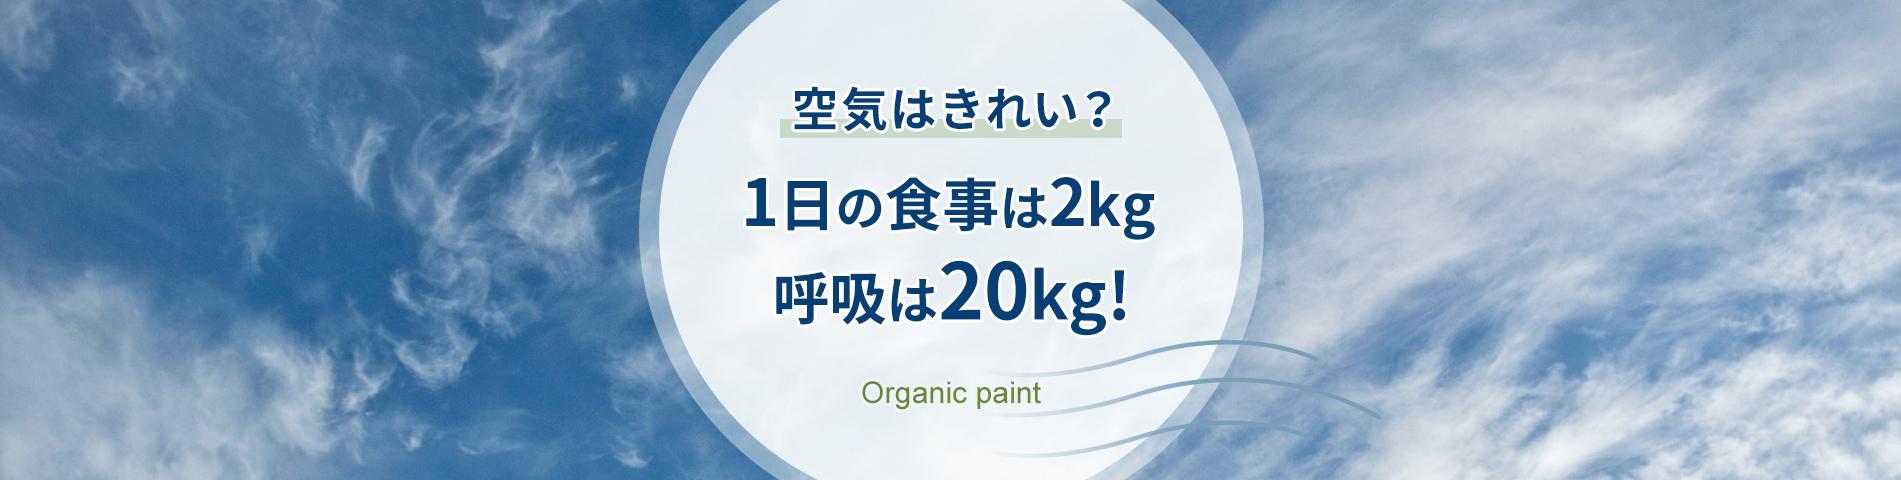 空気はきれい?1日の食事は2kg、呼吸は20㎏! オーガニックペイント